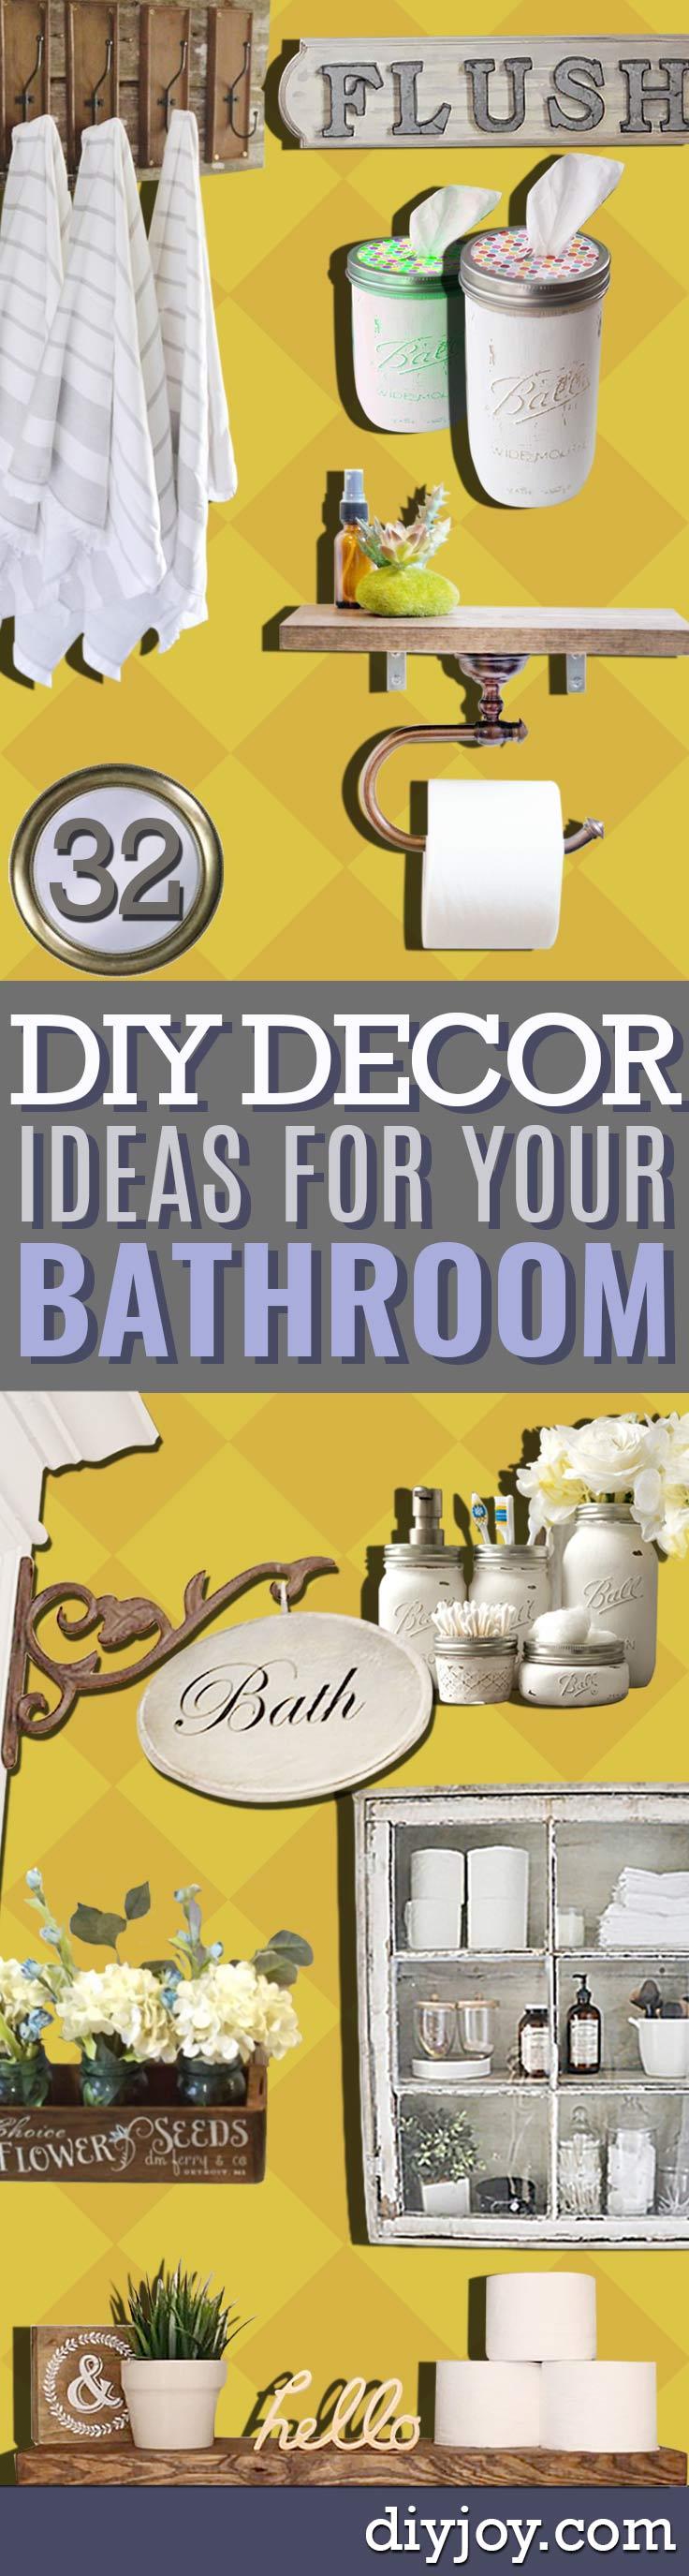 DIY Bathroom Decor Ideas - Cool Do It Yourself Bath Ideas on A ...